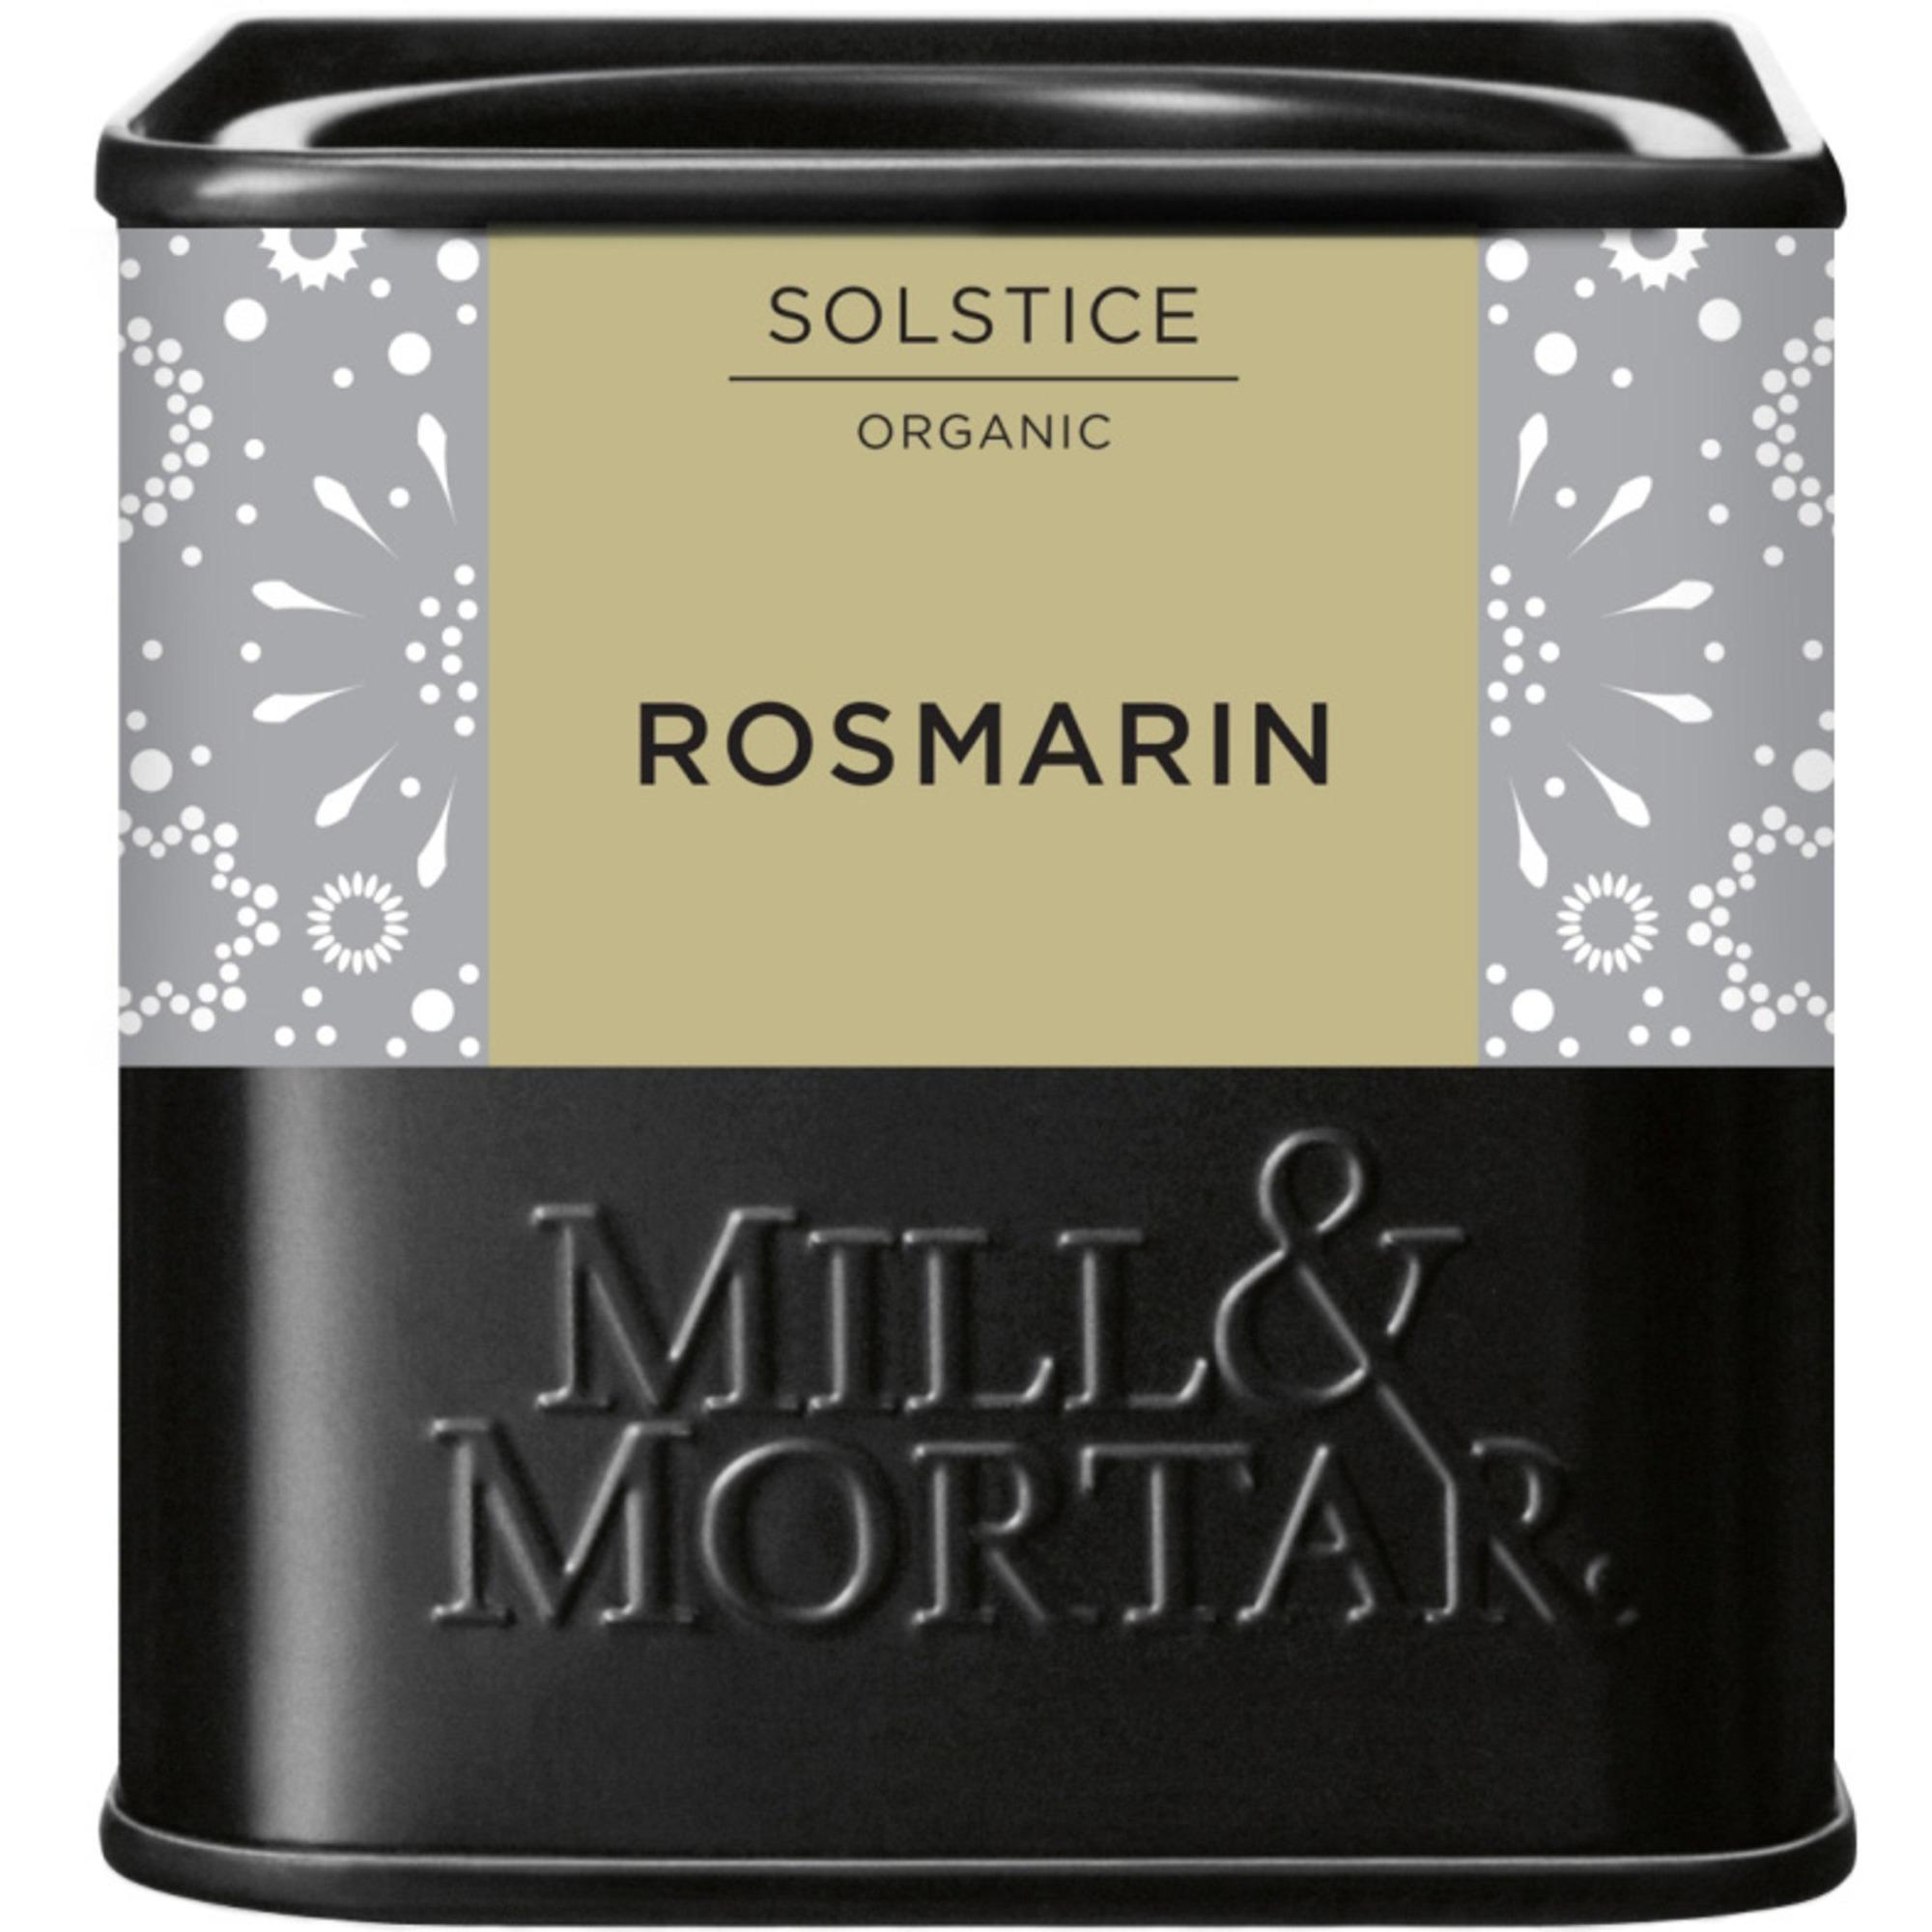 Mill & Mortar Rosmarin skuren 30 g